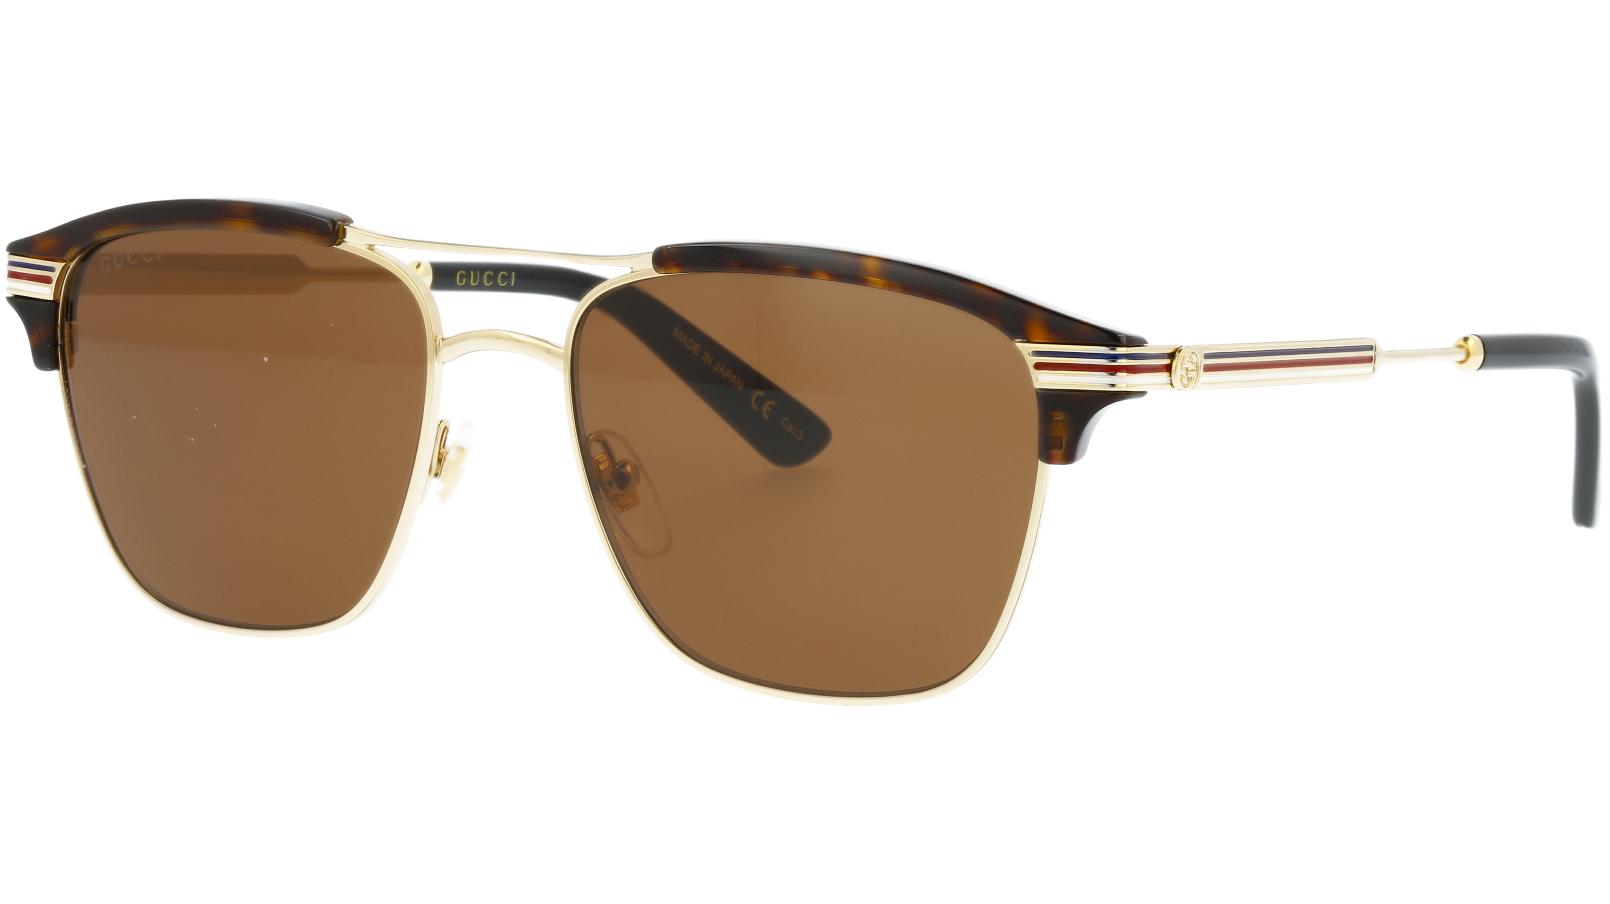 GUCCI GG0241S 003 54 GOLD Sunglasses